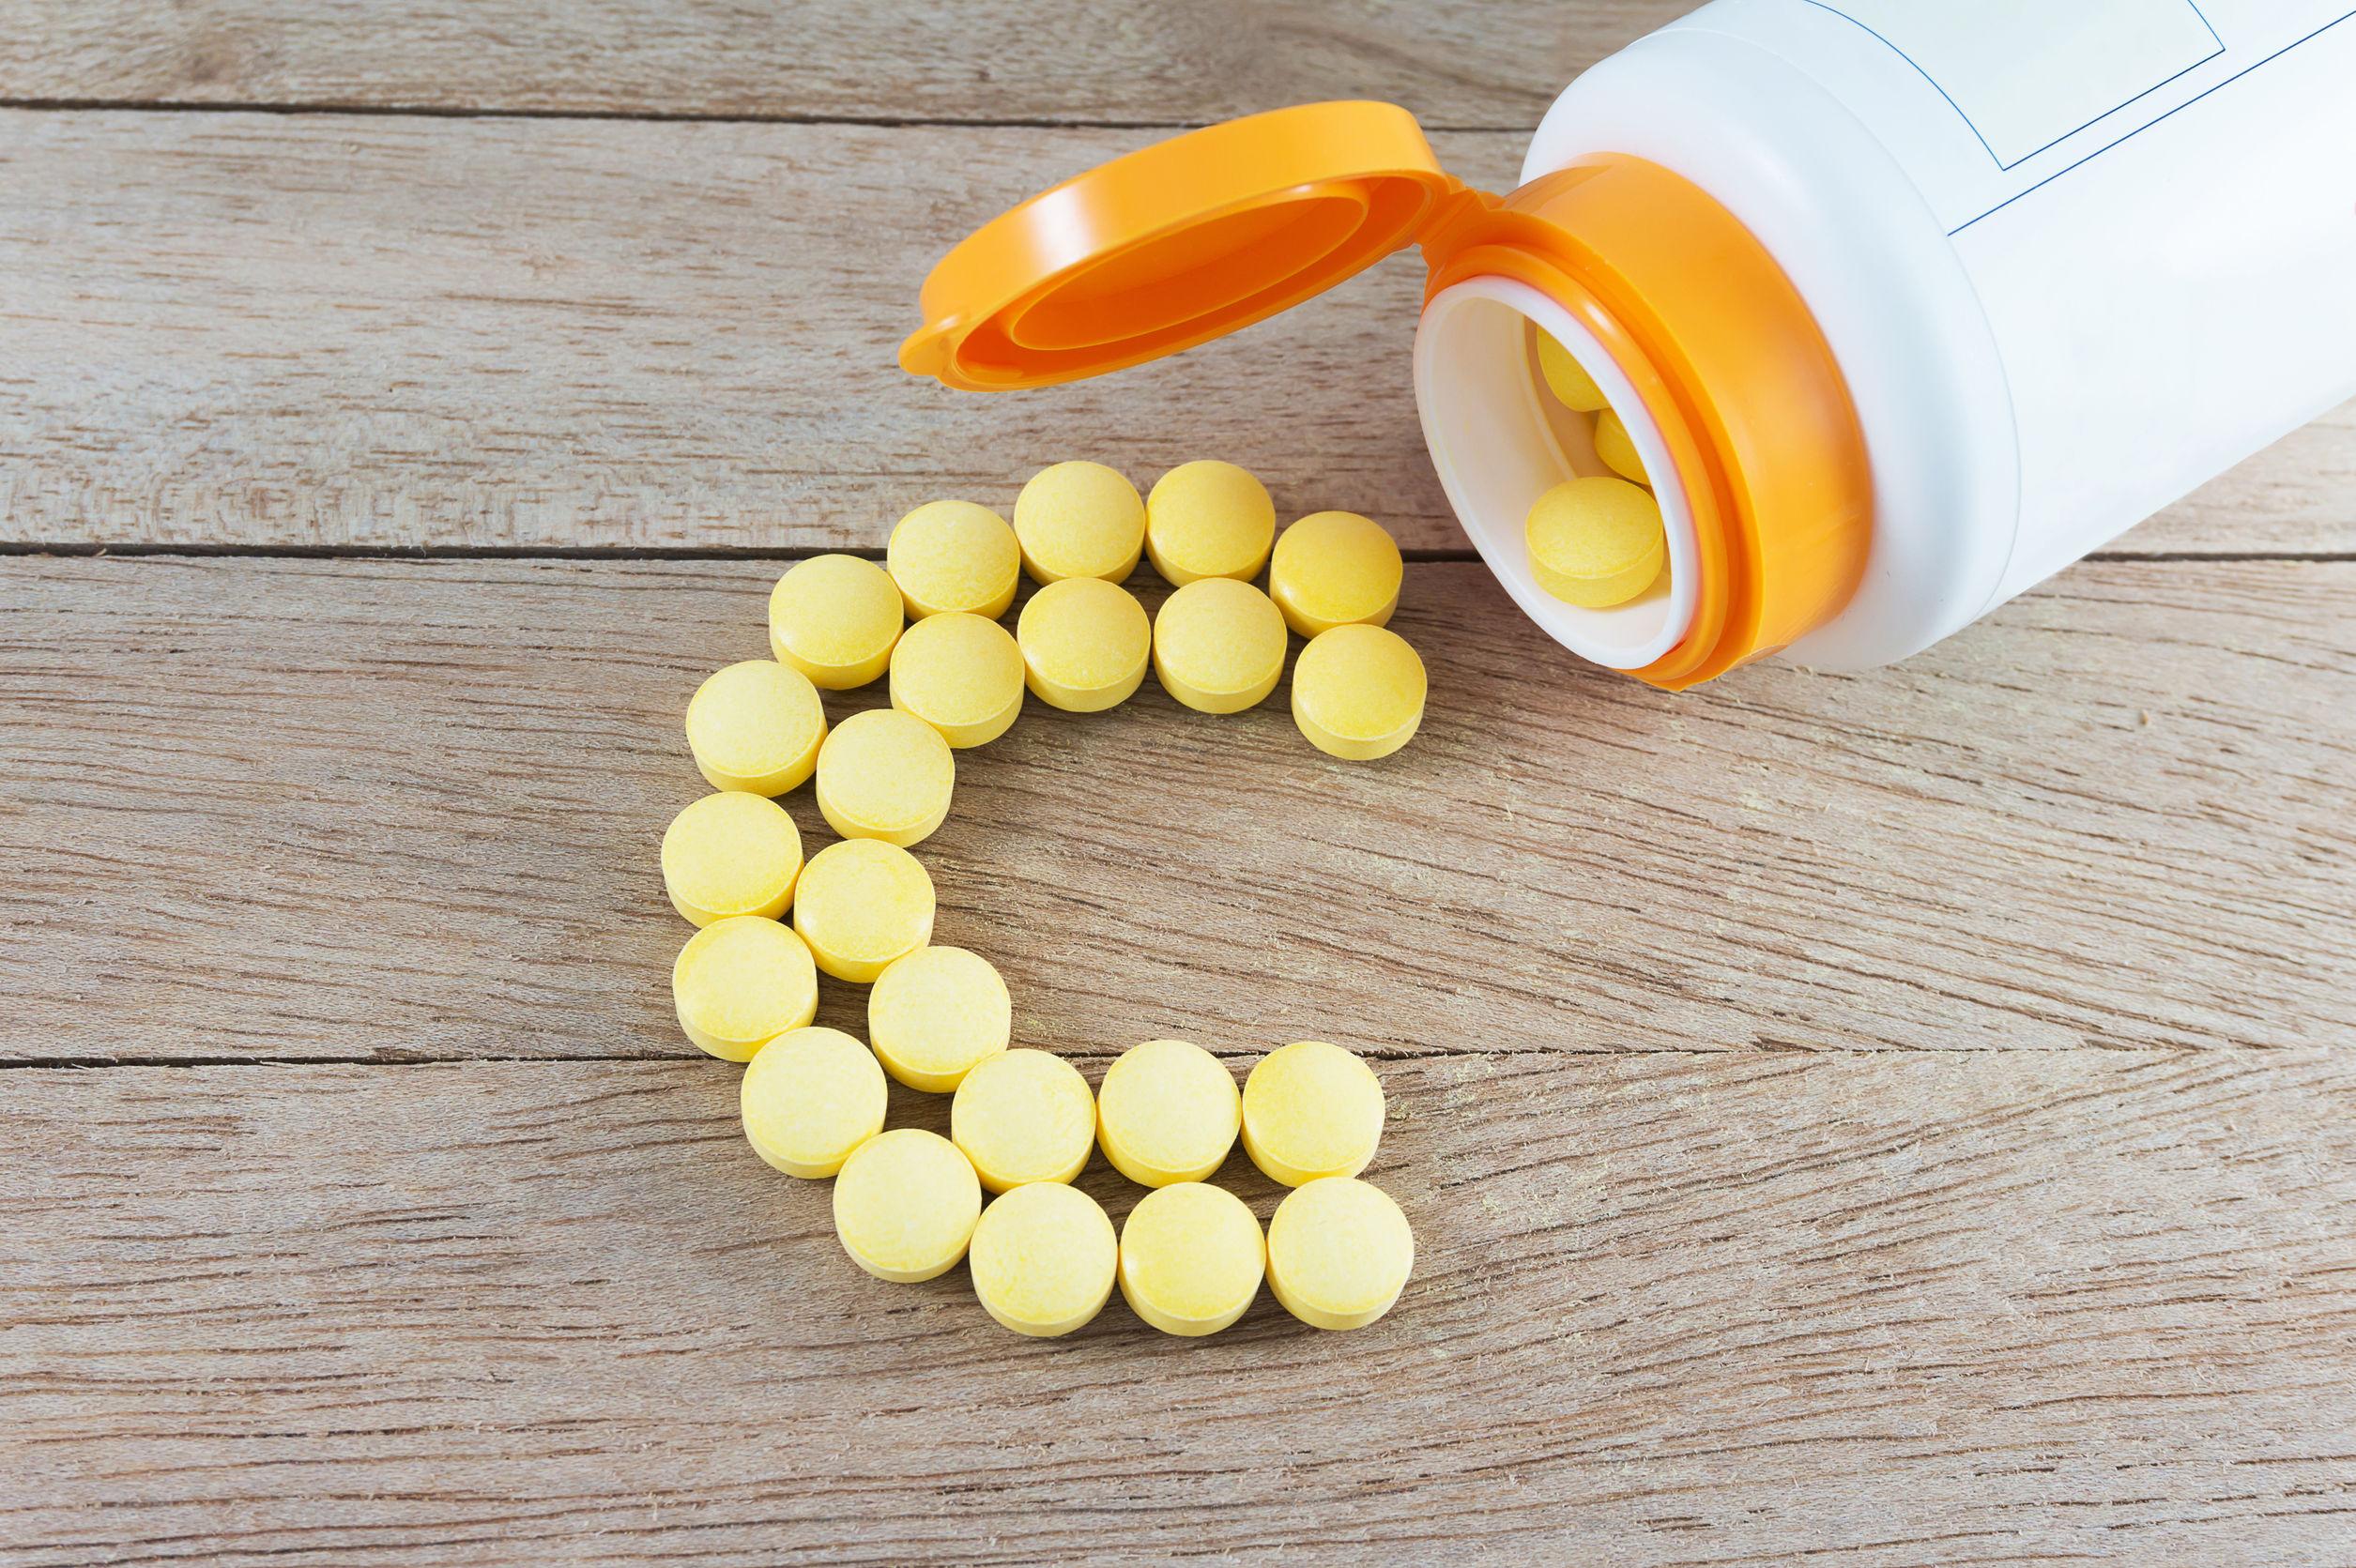 hochdosiertes-vitamin-c-test